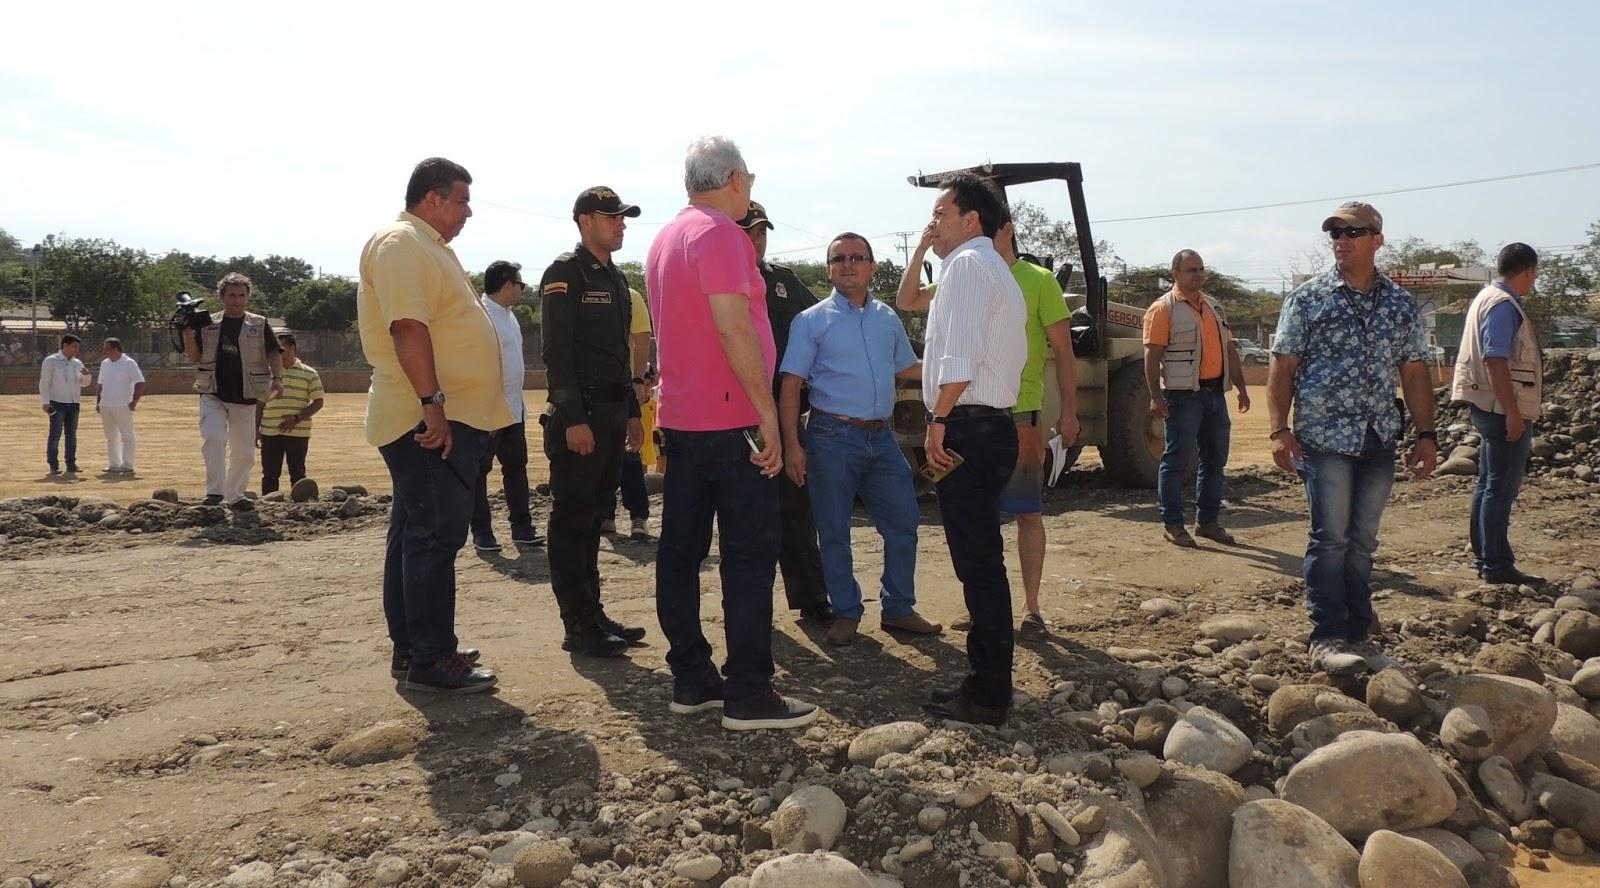 Gobernador inspcciona obras en Juan Atalaya #amigosporcucuta